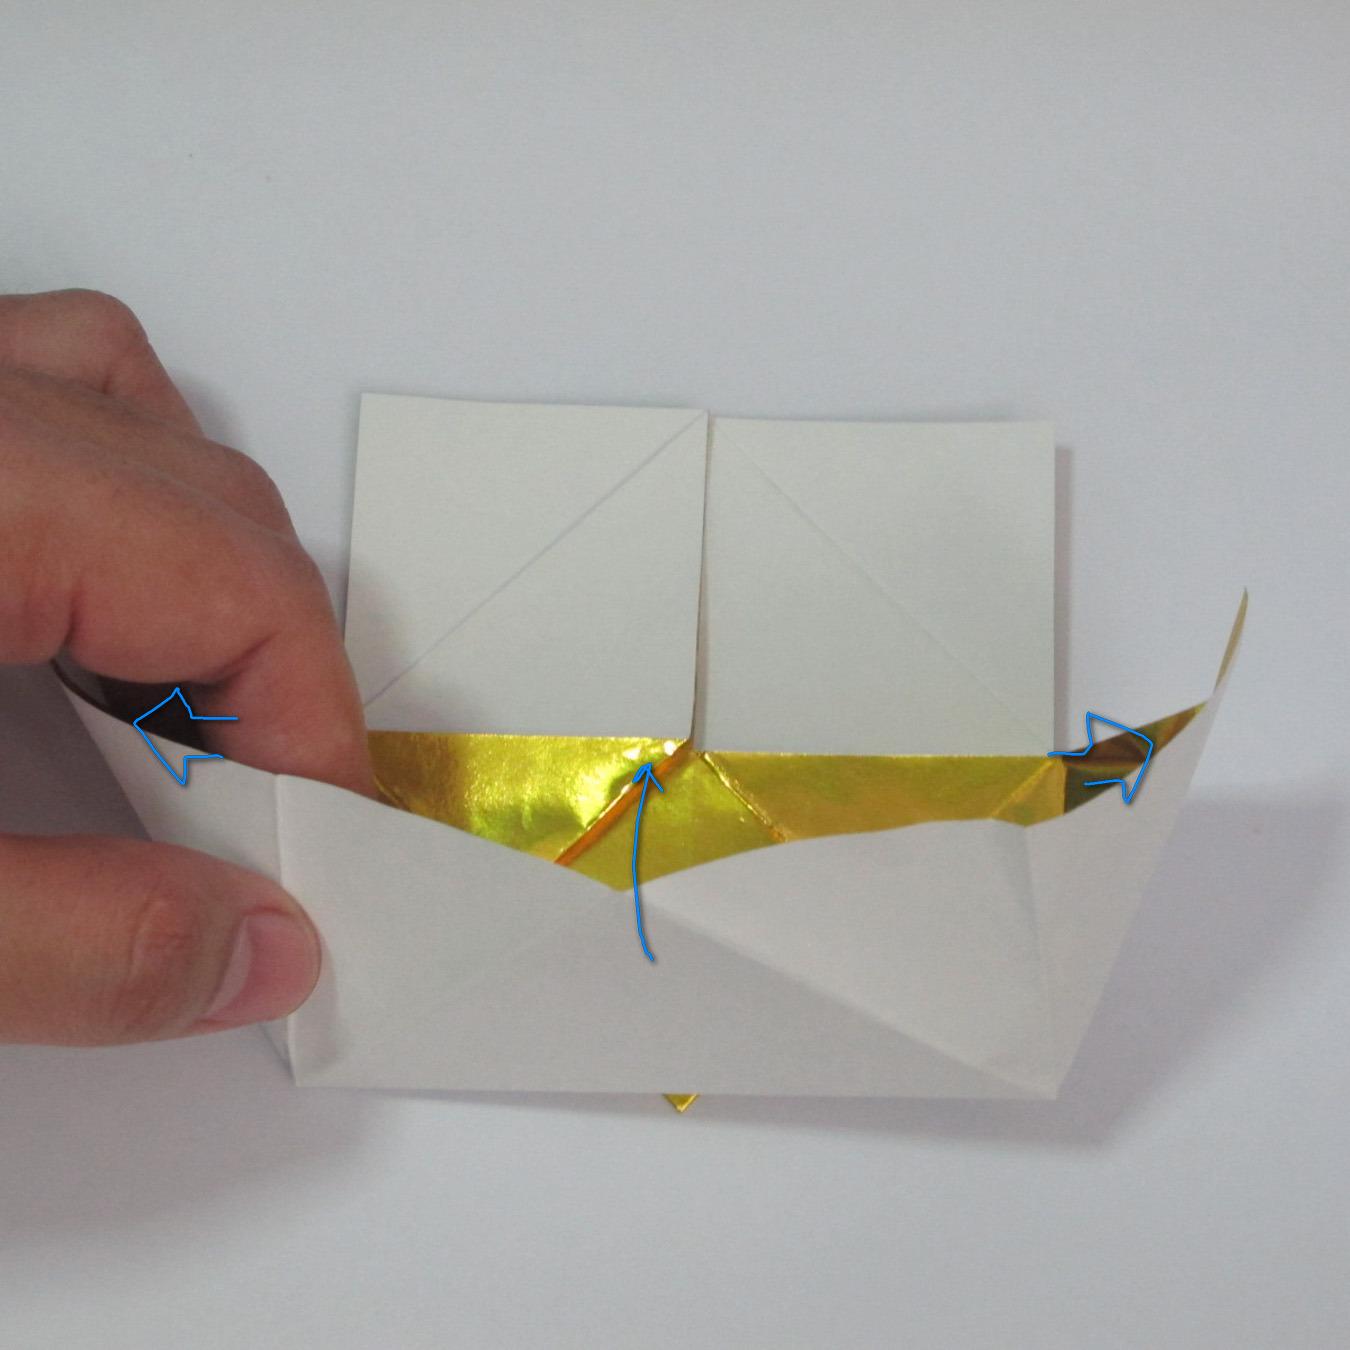 วิธีพับกระดาษเป็นรูปหัวใจติดปีก (Heart Wing Origami) 018